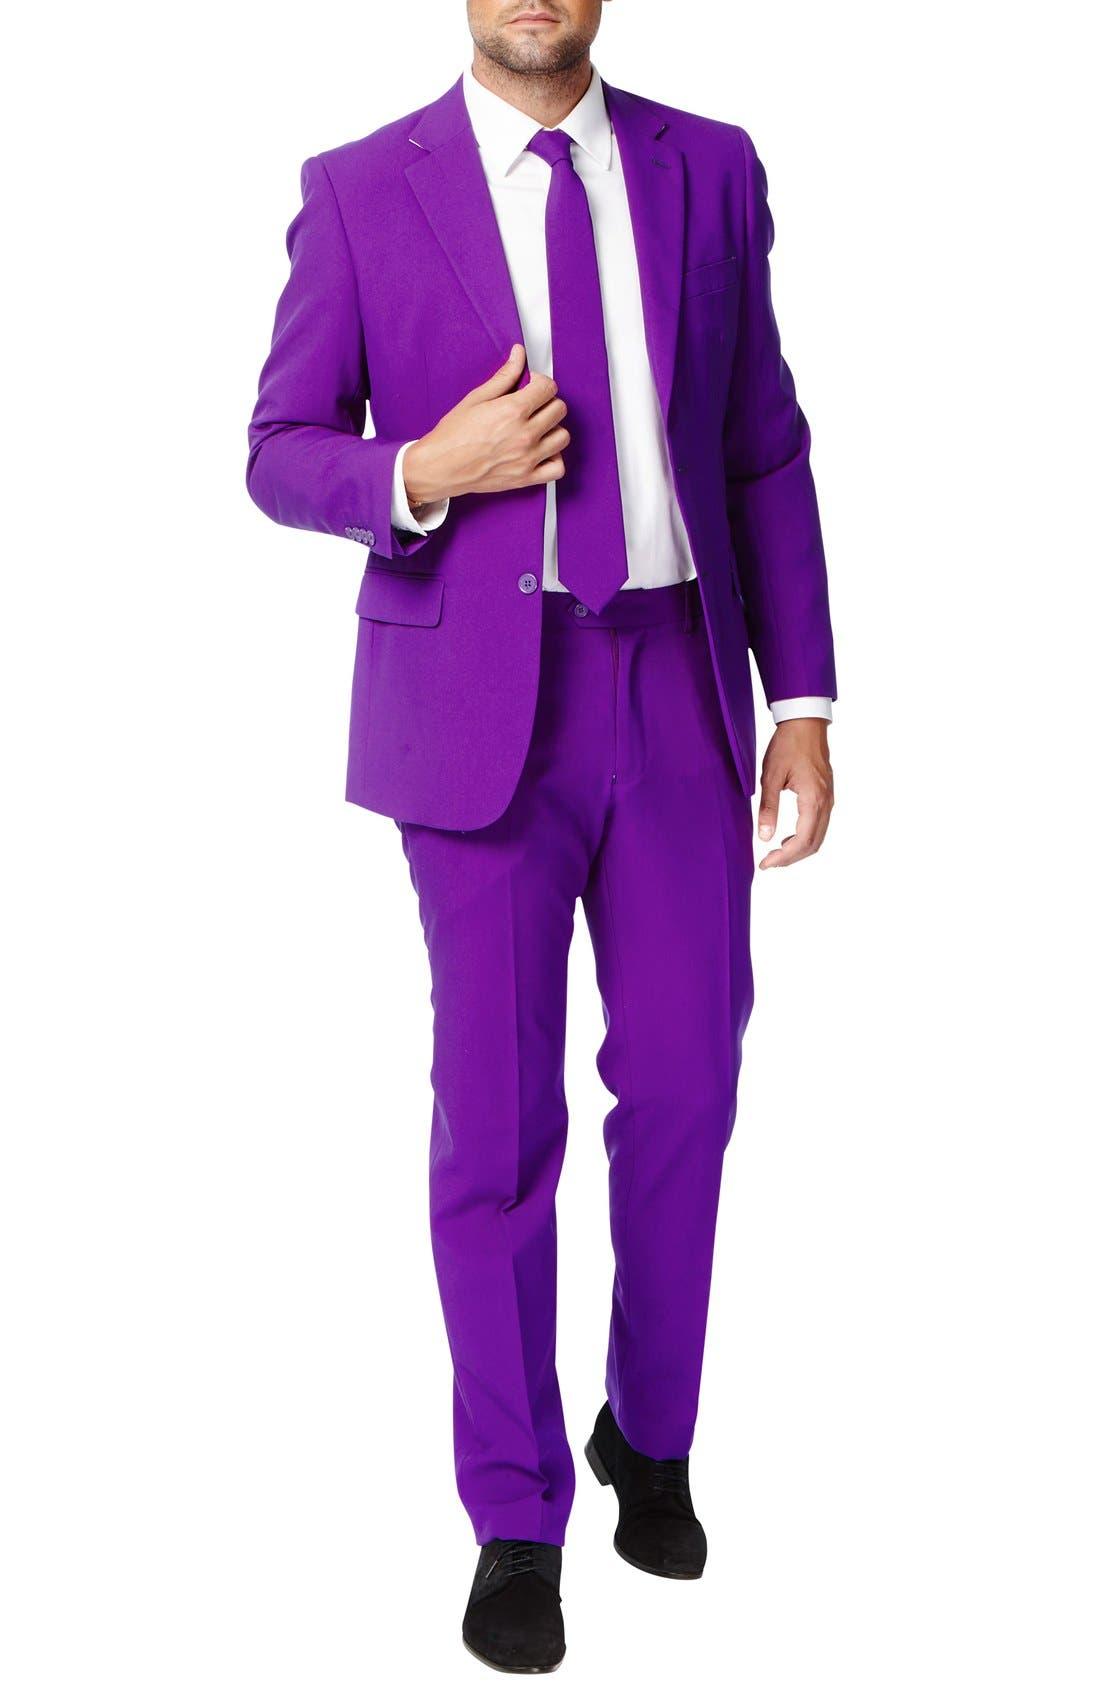 'Purple Prince' Trim Fit Two-Piece Suit with Tie,                             Main thumbnail 1, color,                             500